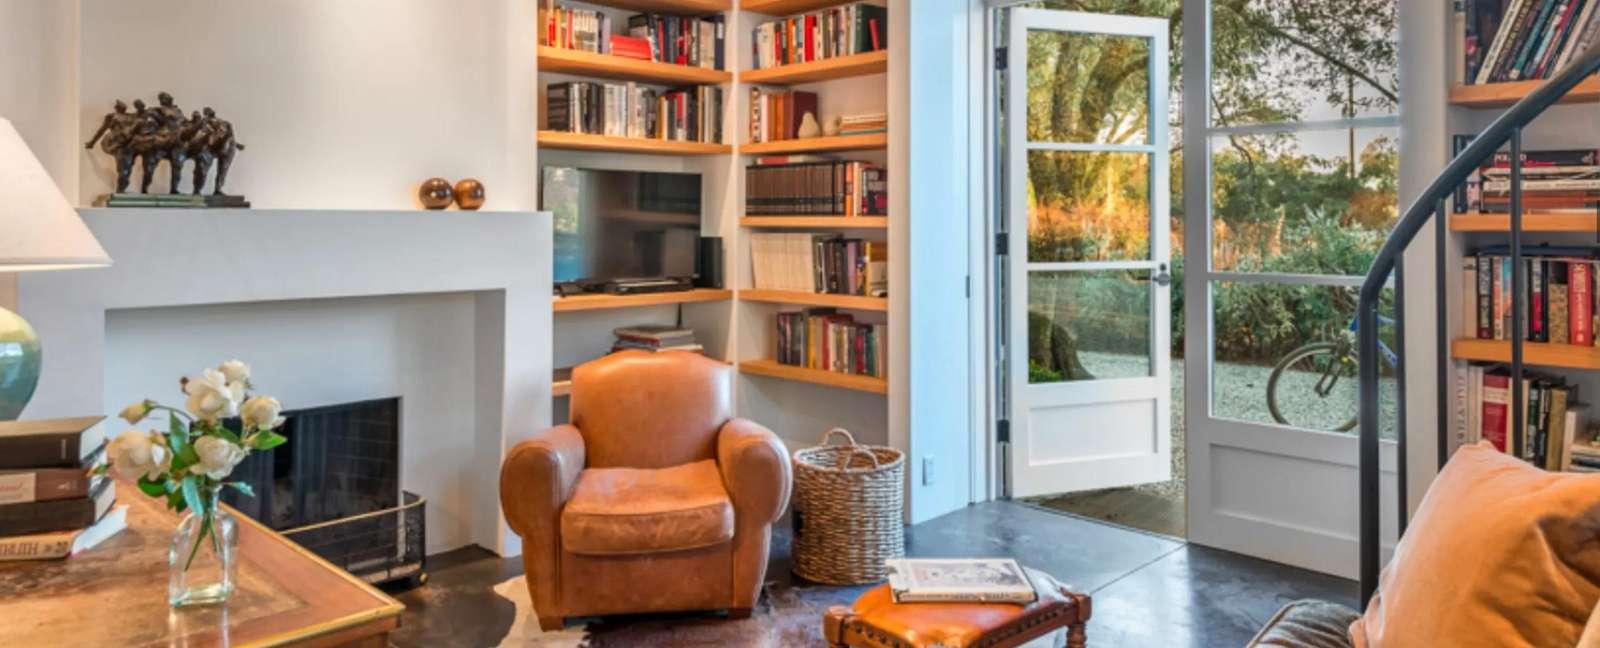 Living area in Villa 2